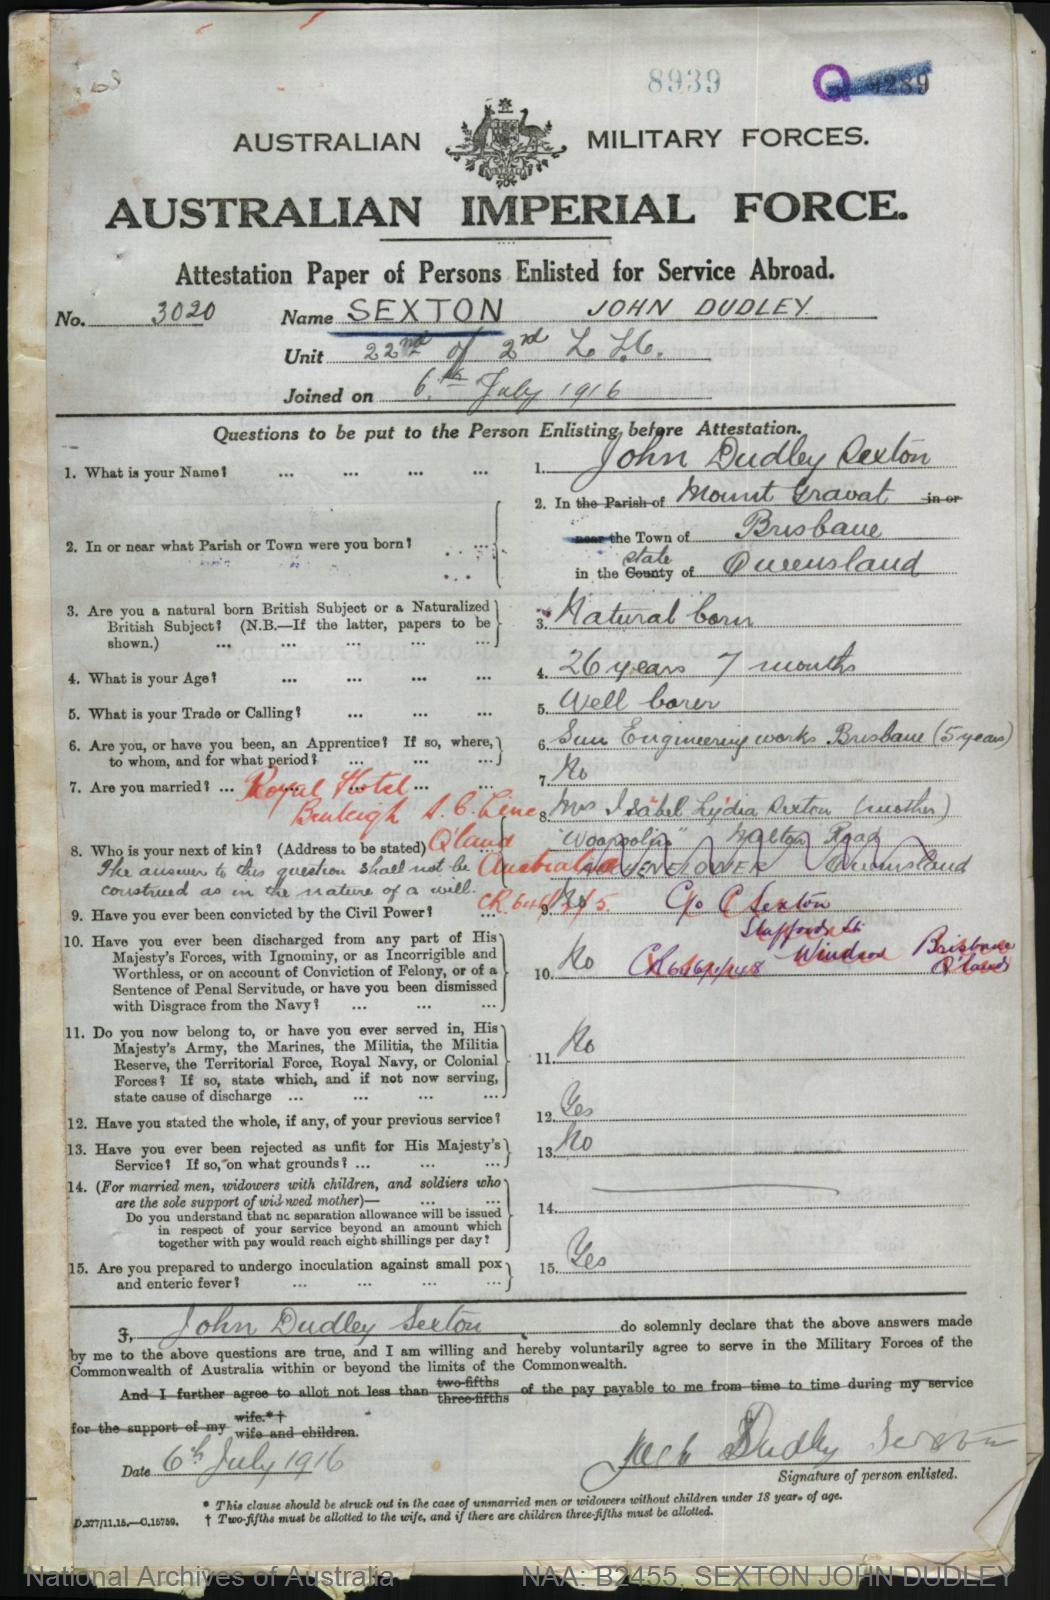 Date of birth search in Brisbane